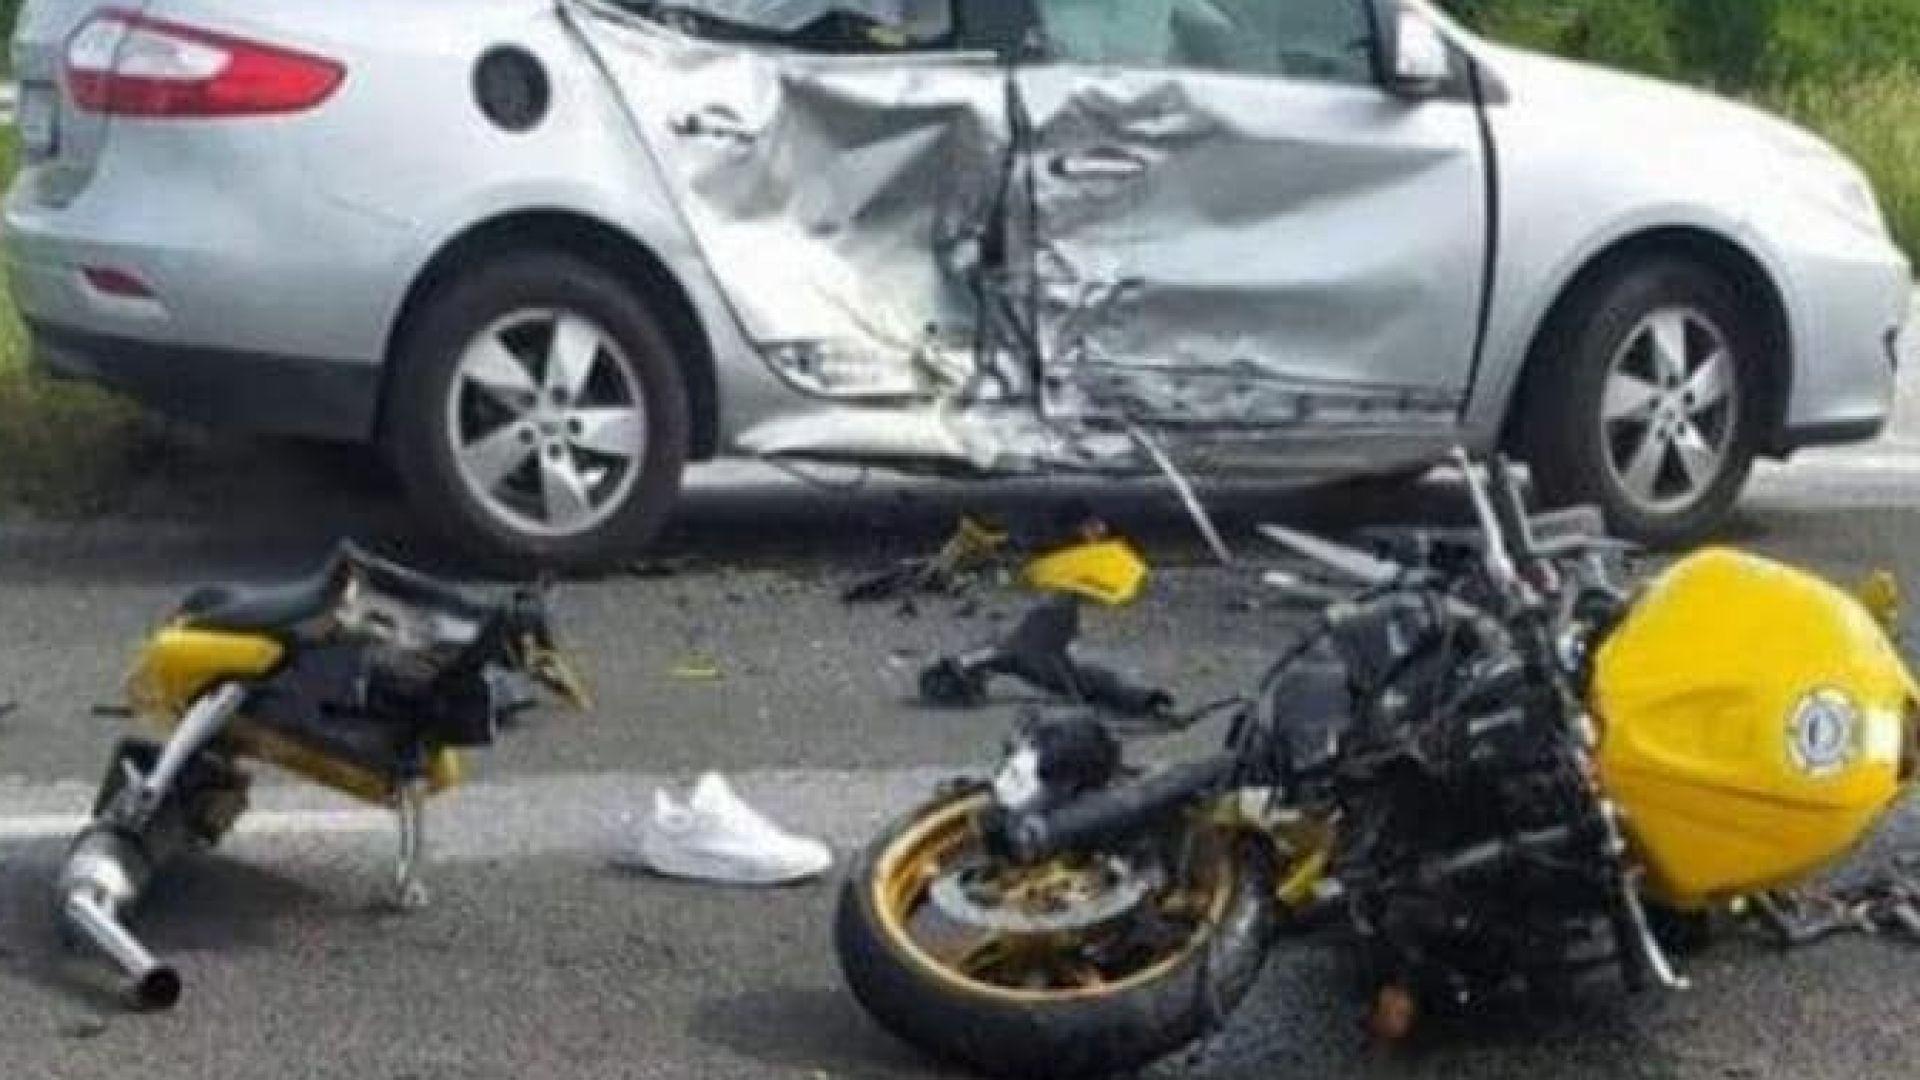 25-годишен моторист е с опасност за живота след катастрофа в хасковско село